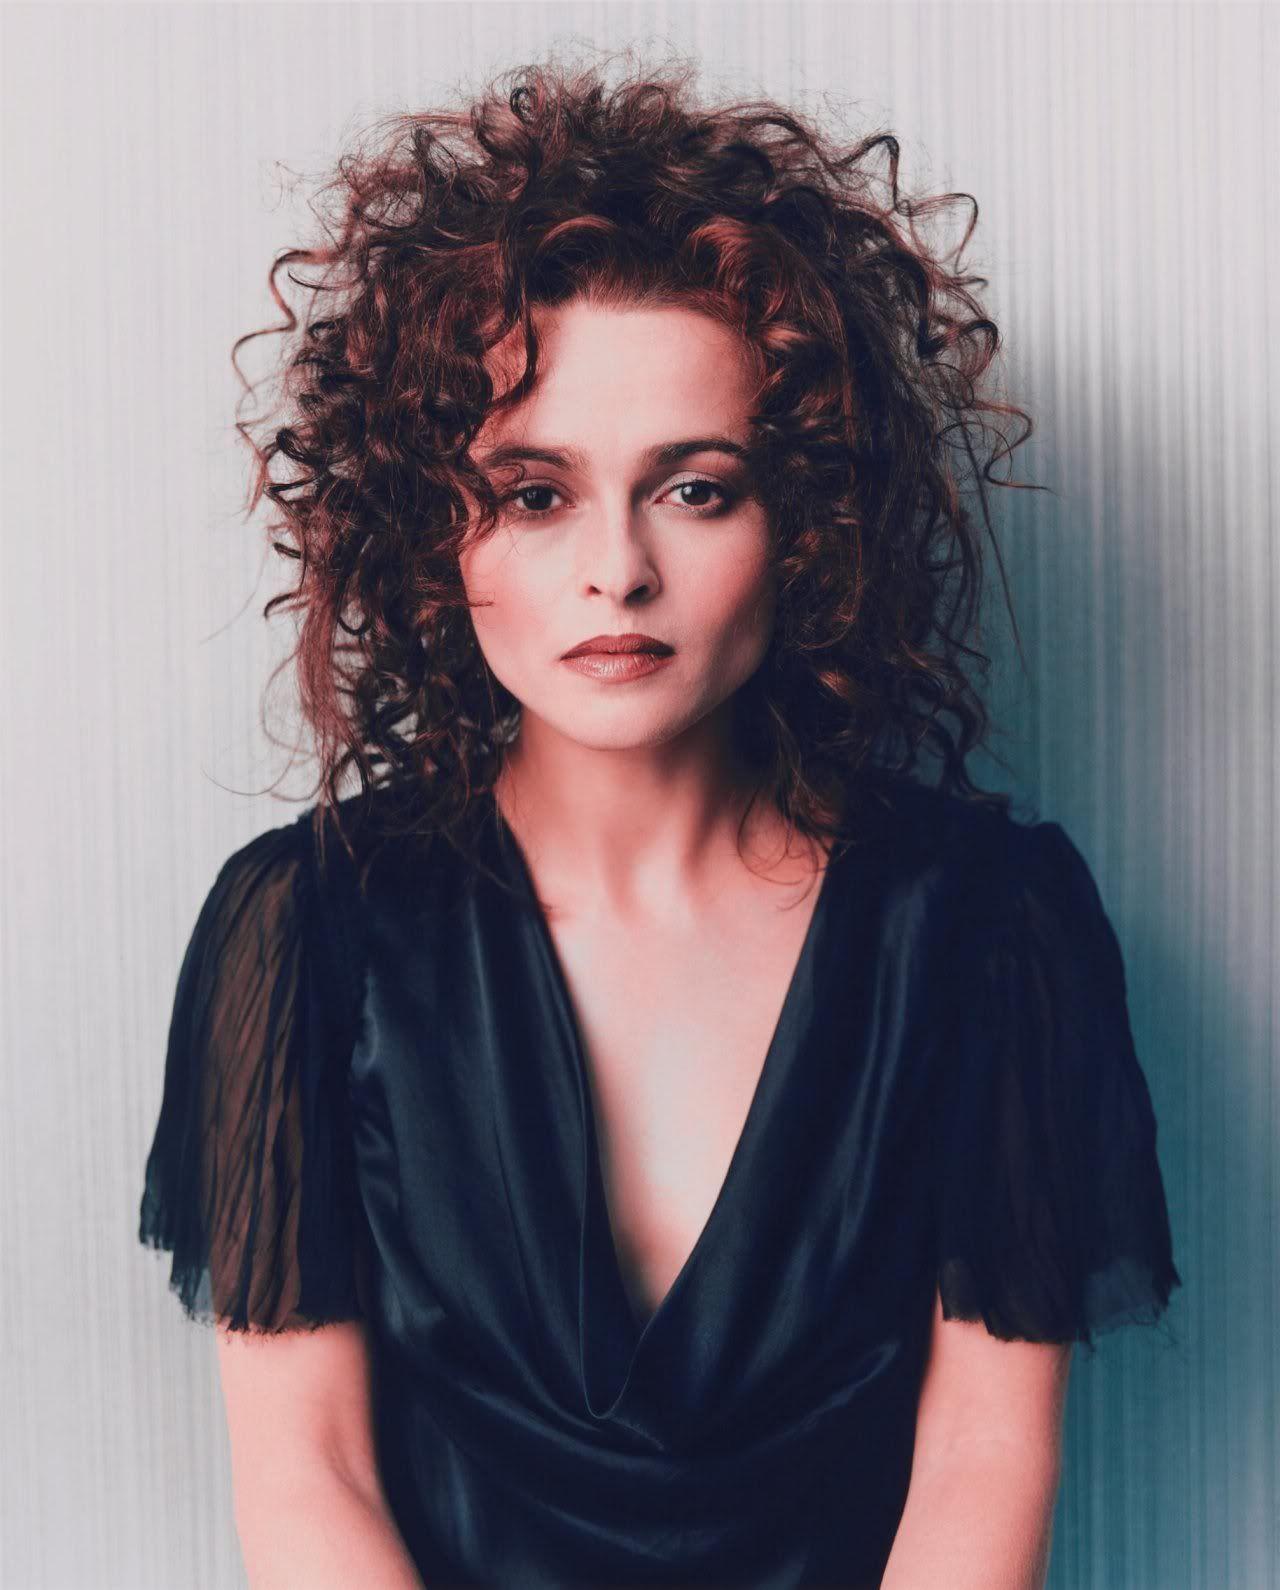 pics Helena Bonham Carter (born 1966)